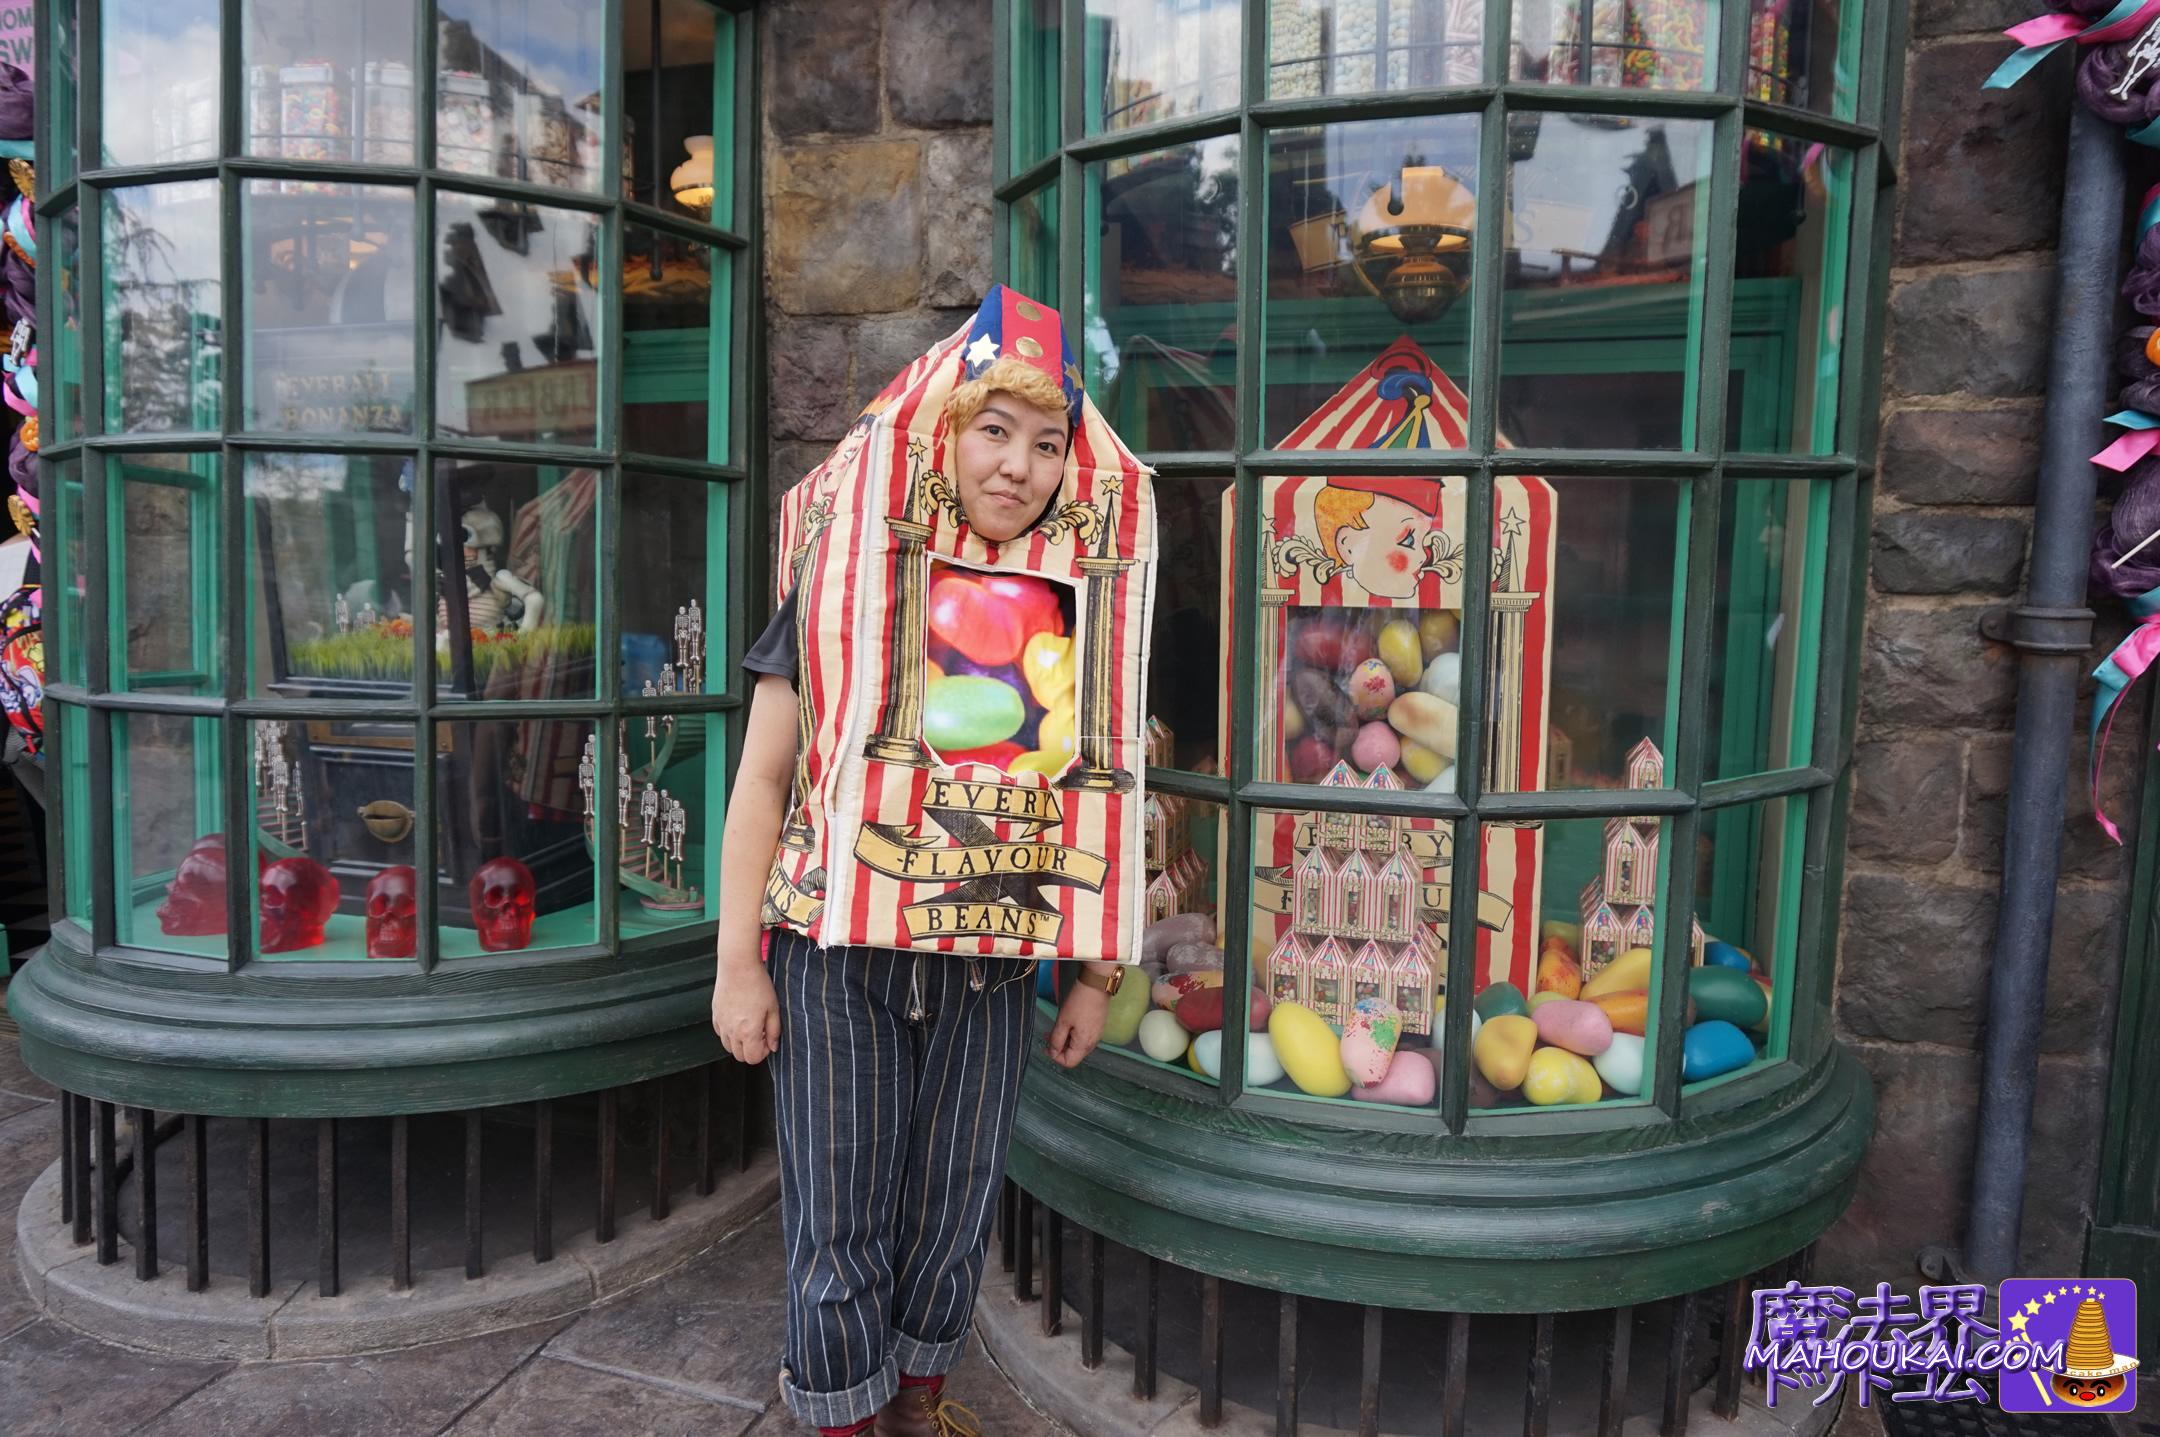 バーティーボッツの百味ビーンズの仮装 ハリーポッター仮装